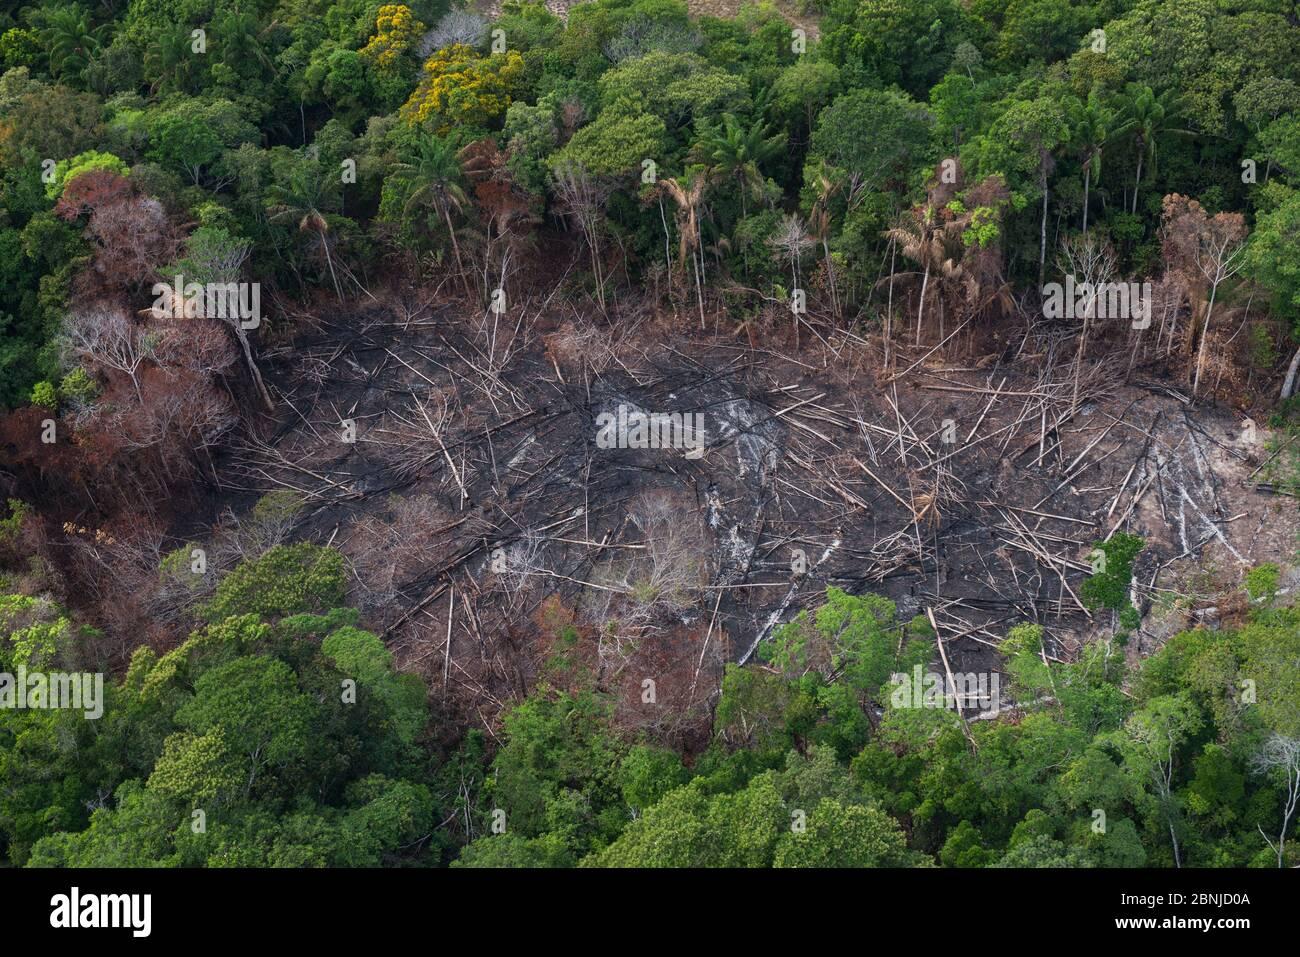 Les brûlis de forêt tropicale pour faire place à l'agriculture, de l'Amérindien Rurununi savane, Guyana, en Amérique du Sud Banque D'Images